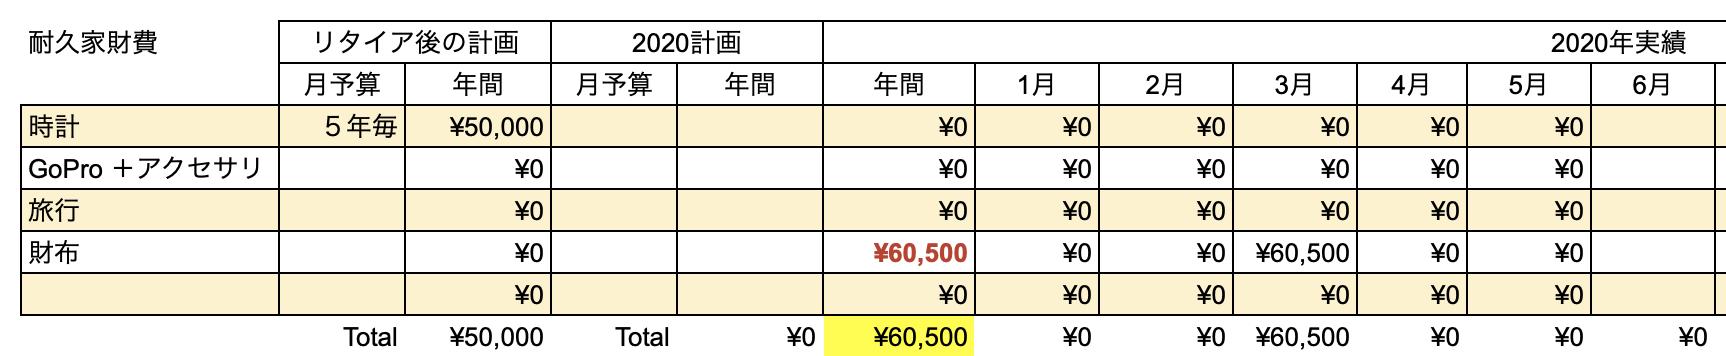 支出実績2020_05月_耐久家財費